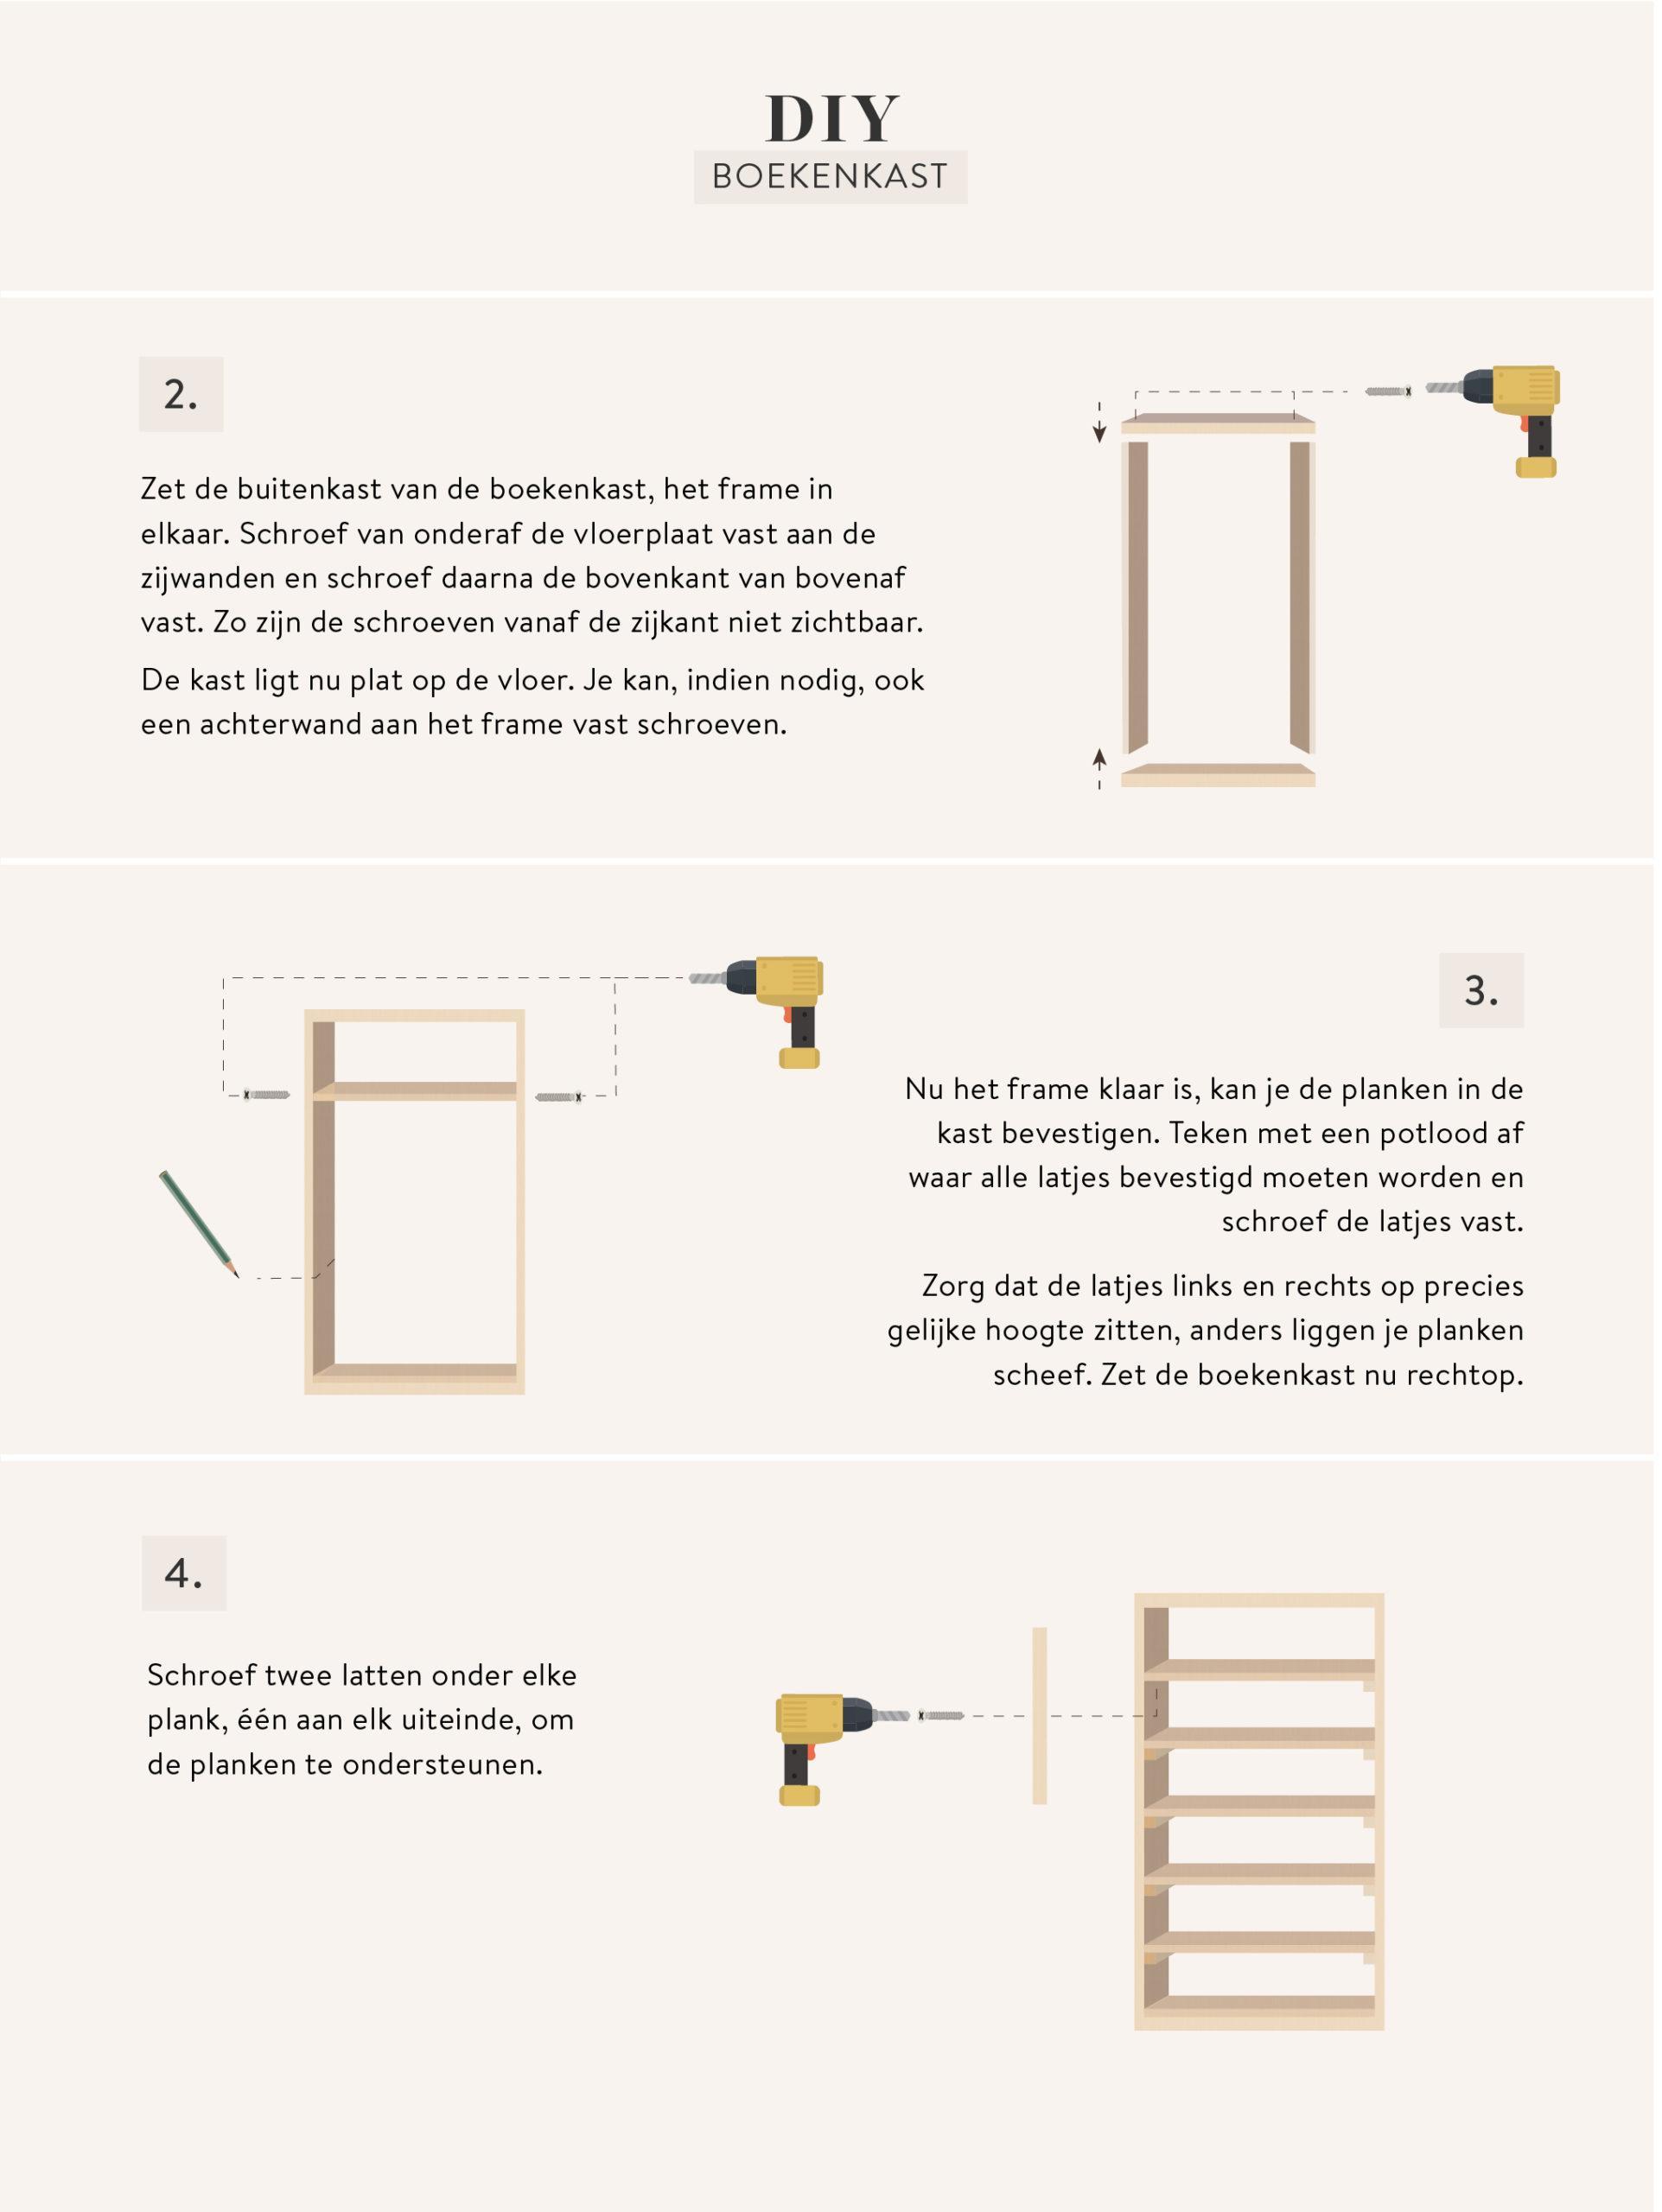 DIY zelf boekenkast maken